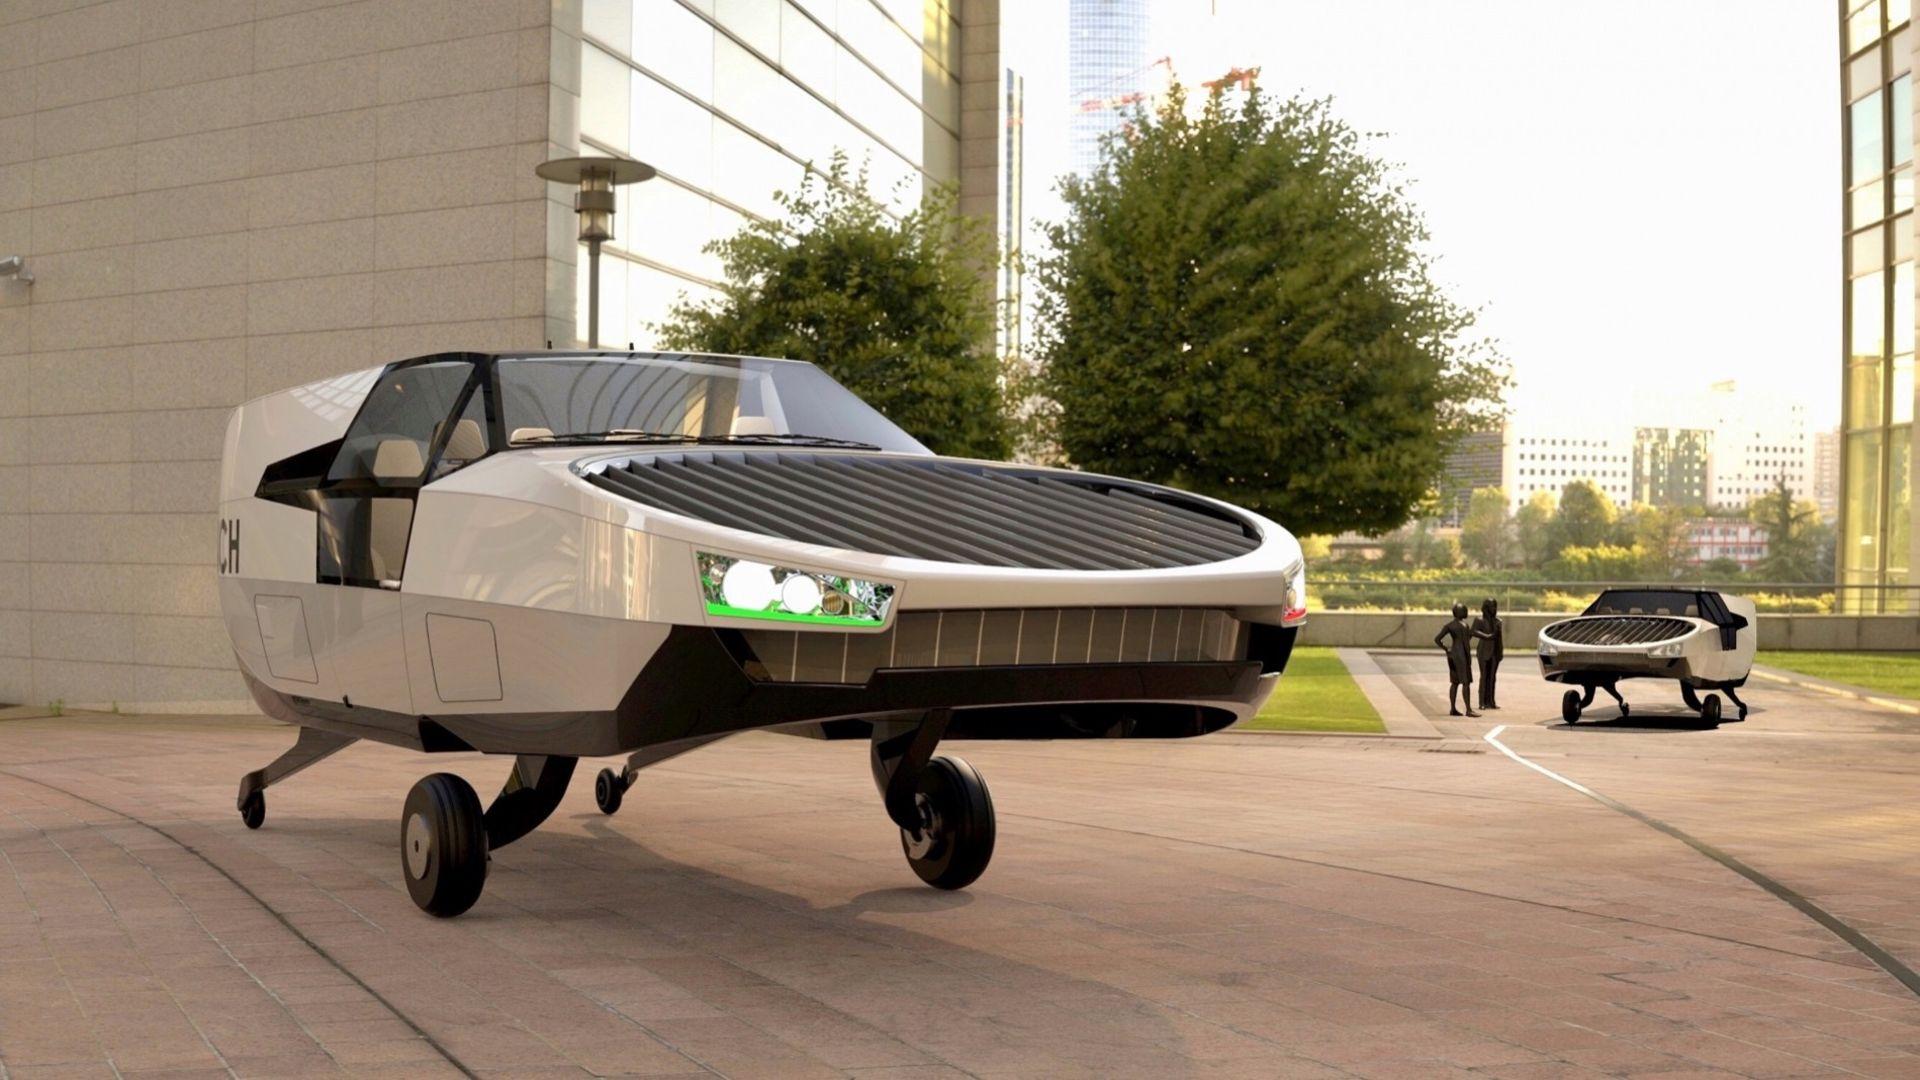 Vätgasdrivna CityHawk vill bli framtidens flygande taxi